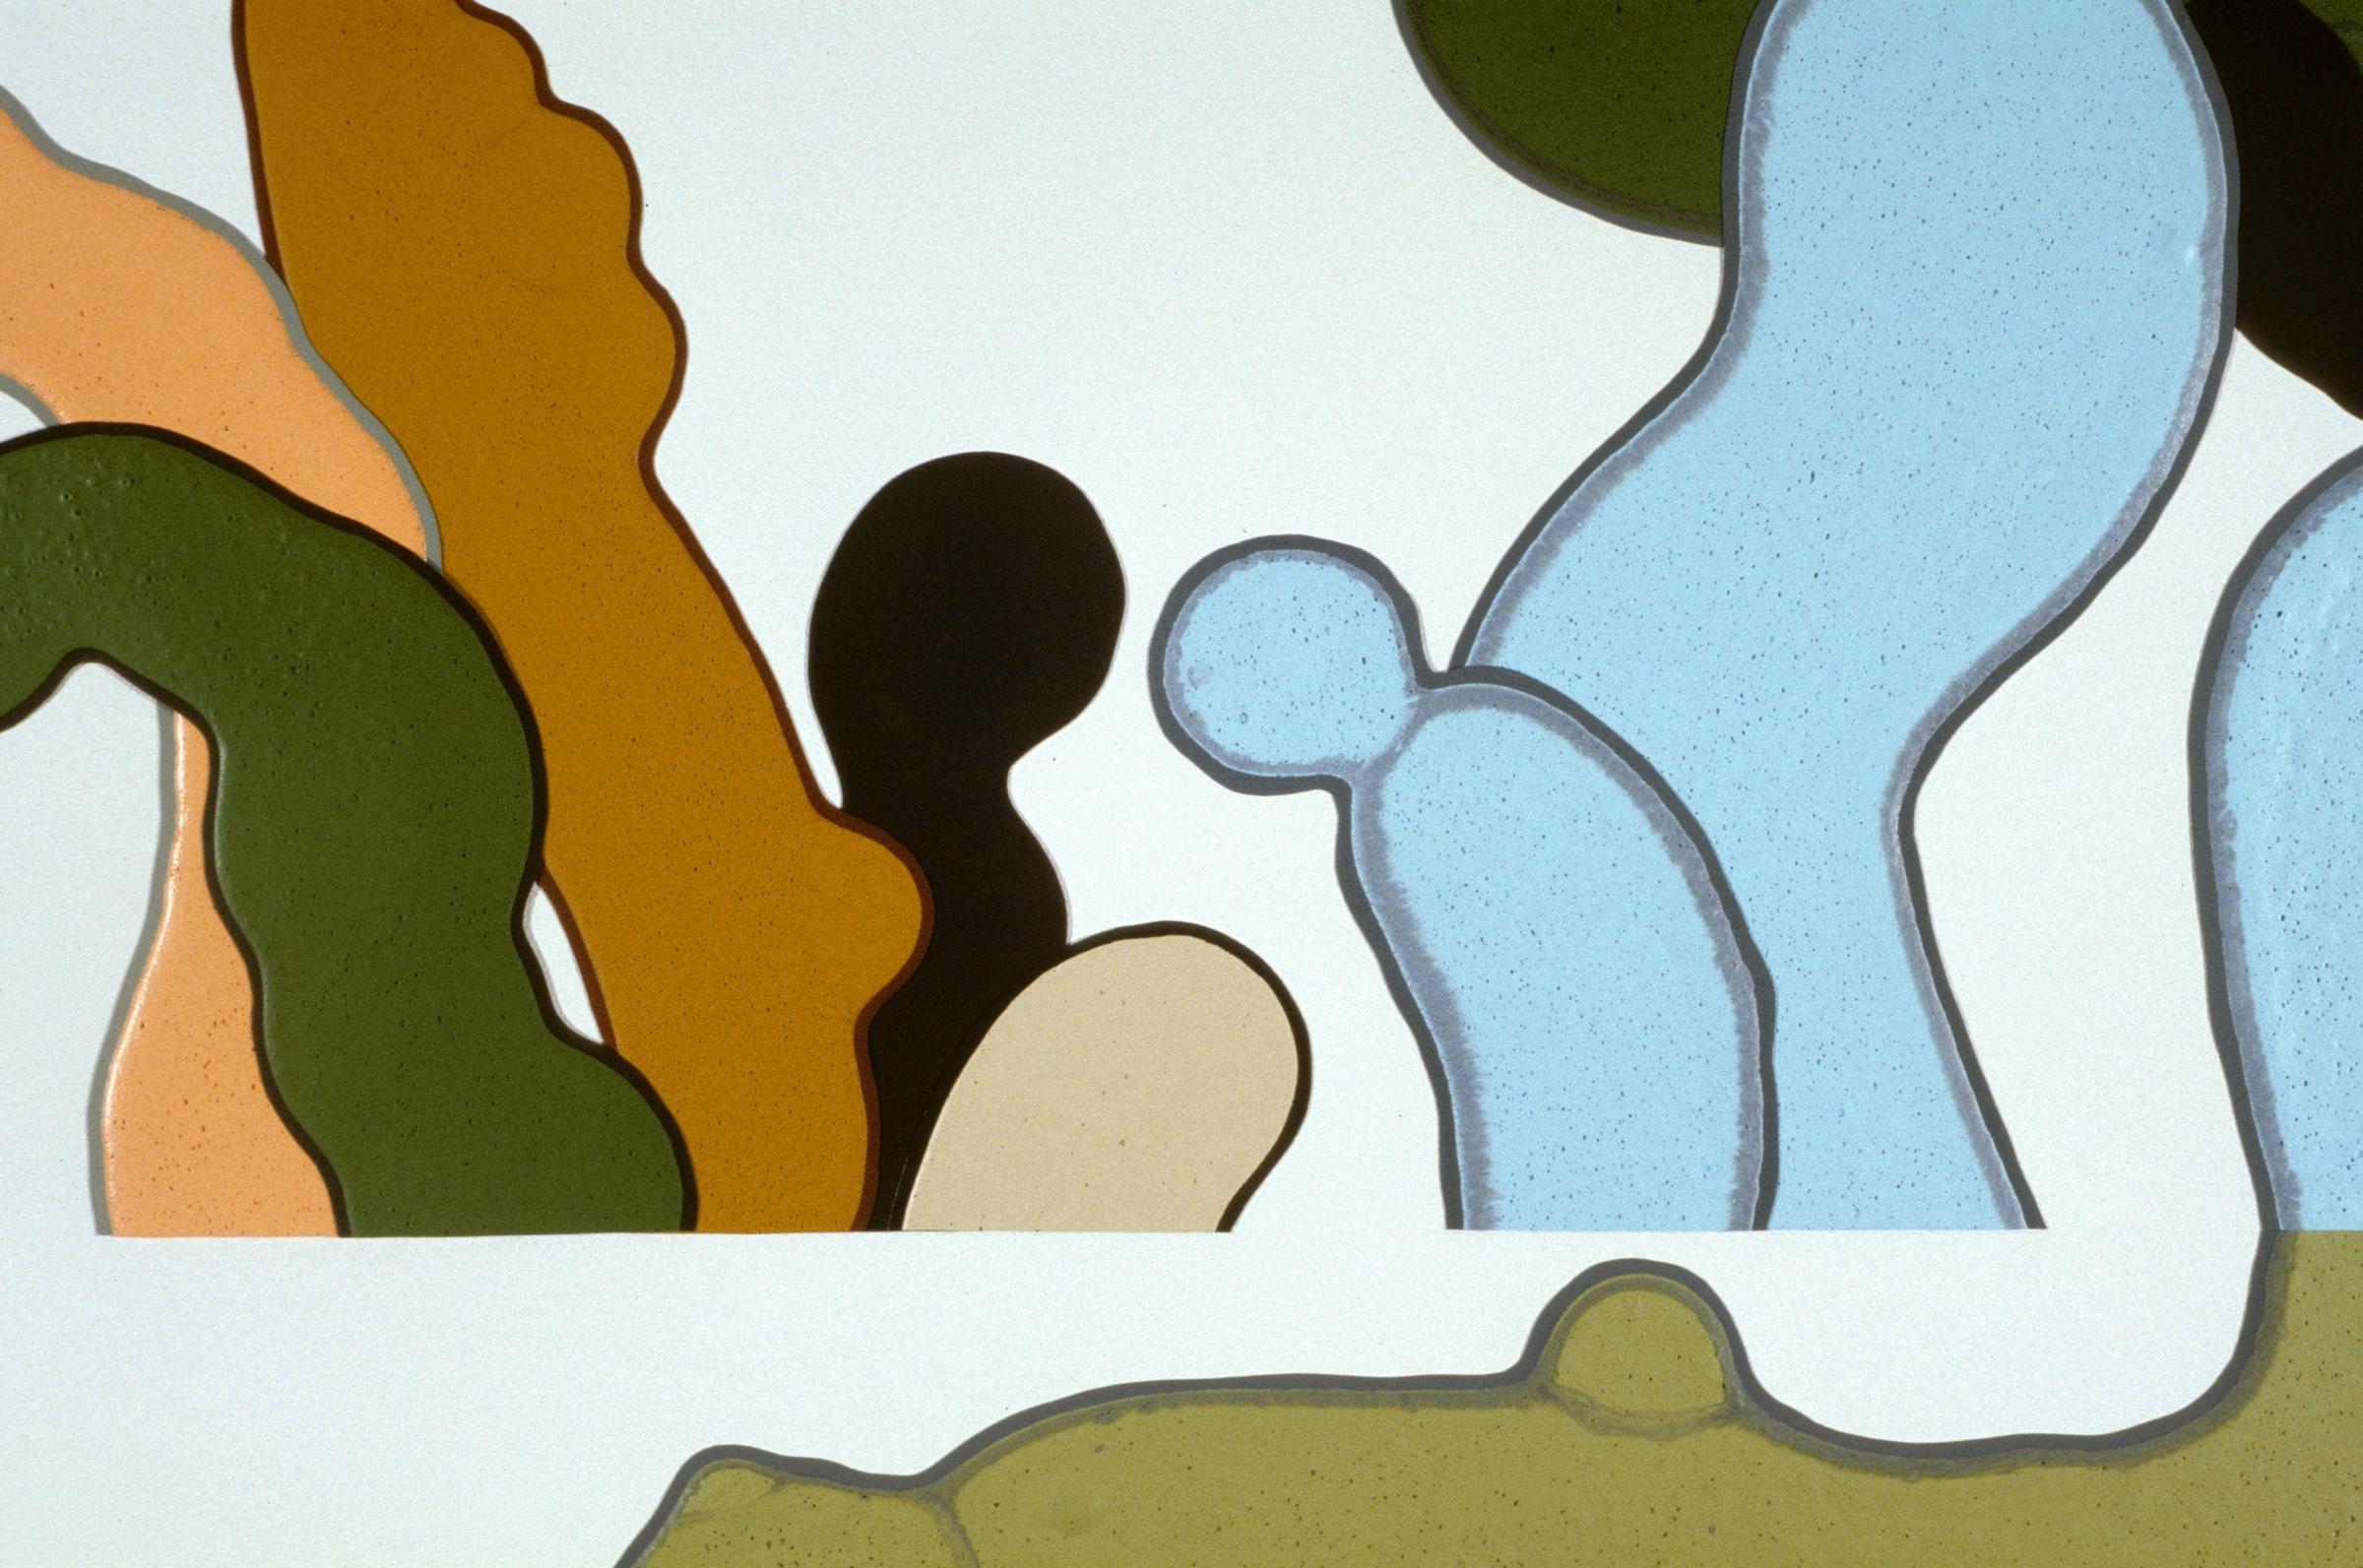 Detail of Crosscut